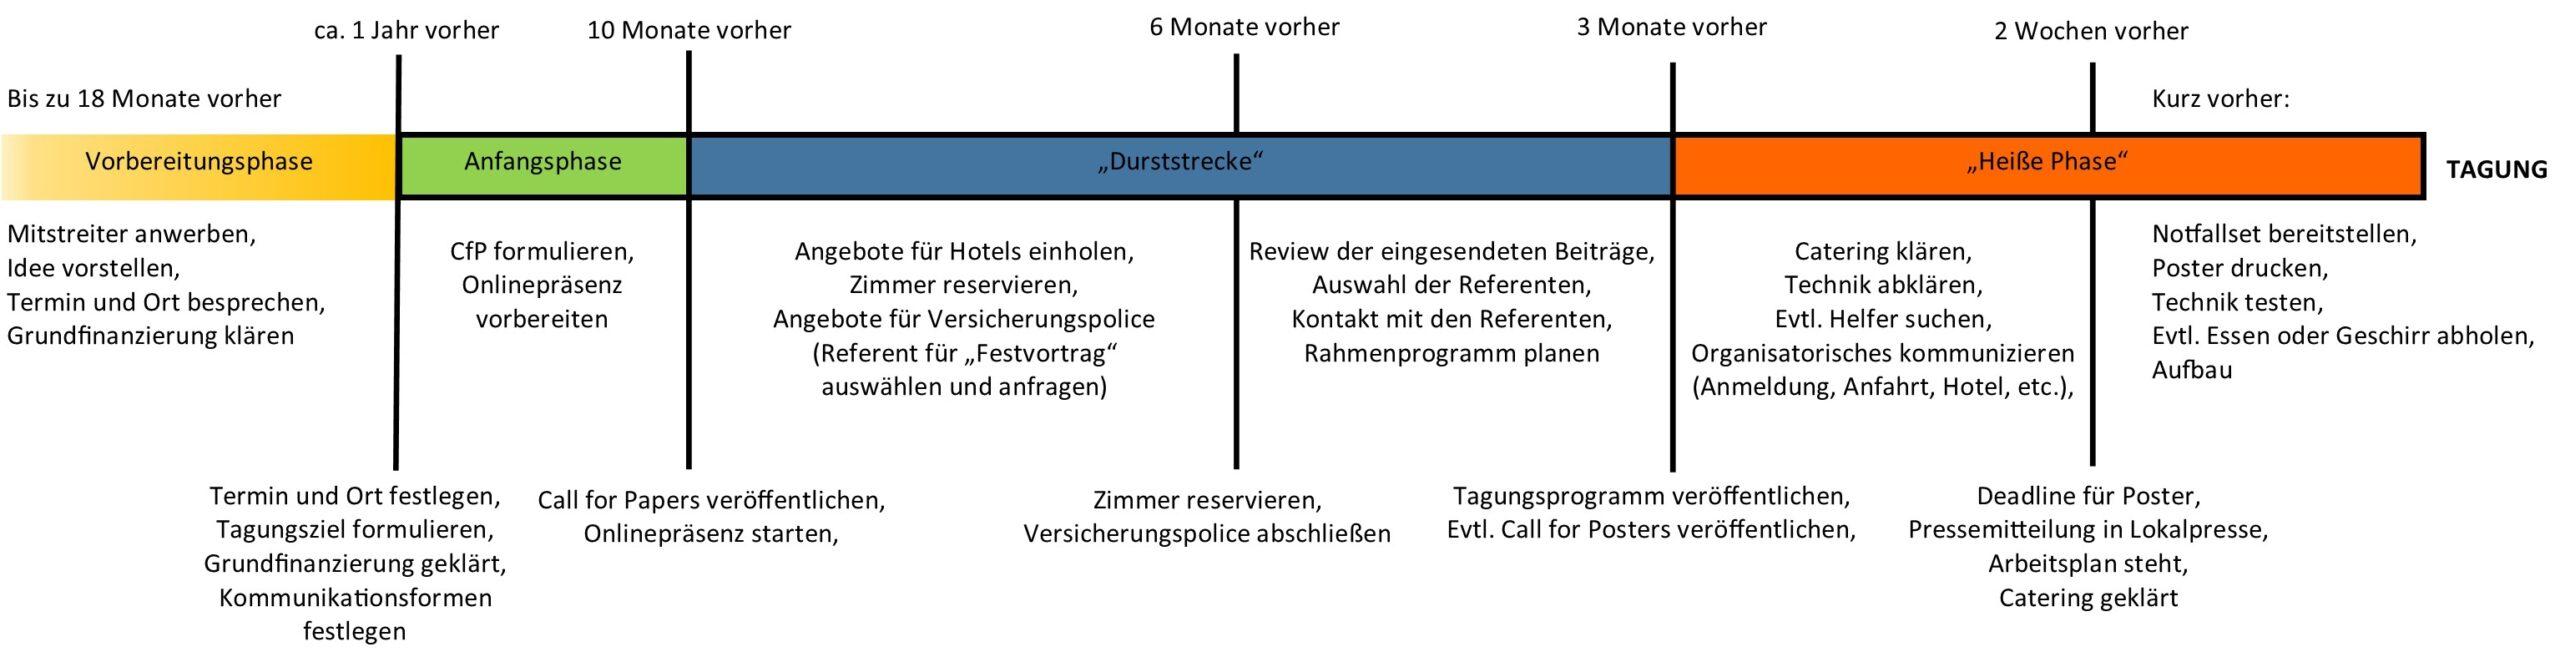 Timeline Tagungsorganisation